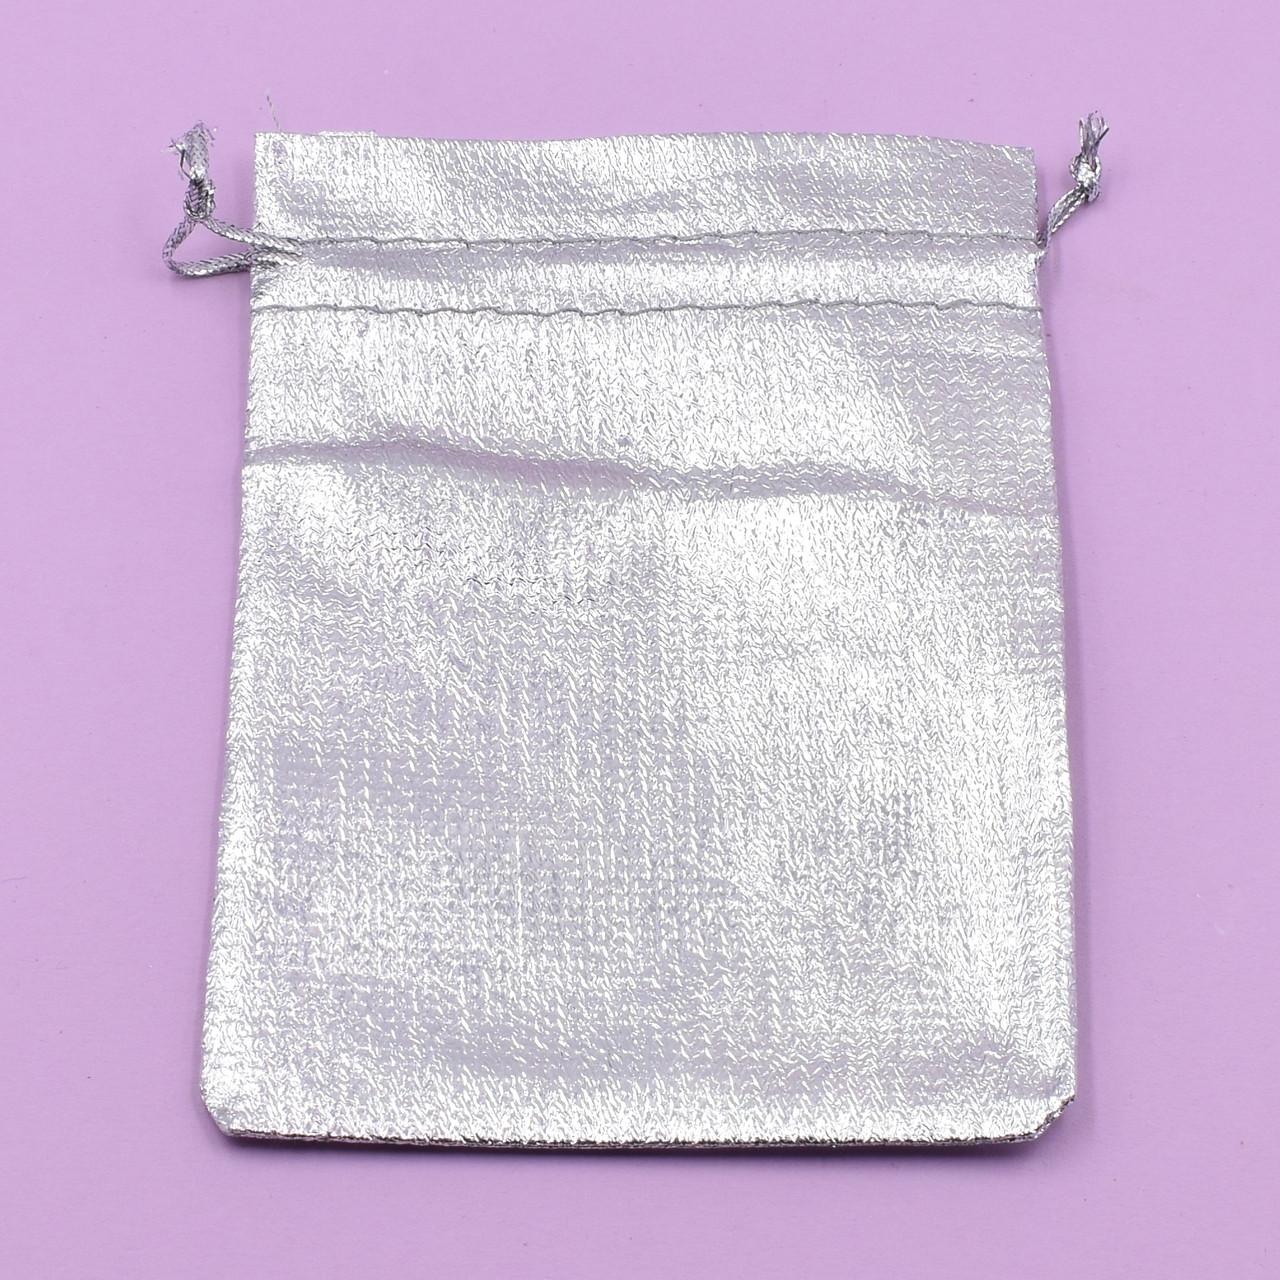 Подарочный мешочек серебристый 741182 размер 11х9 см